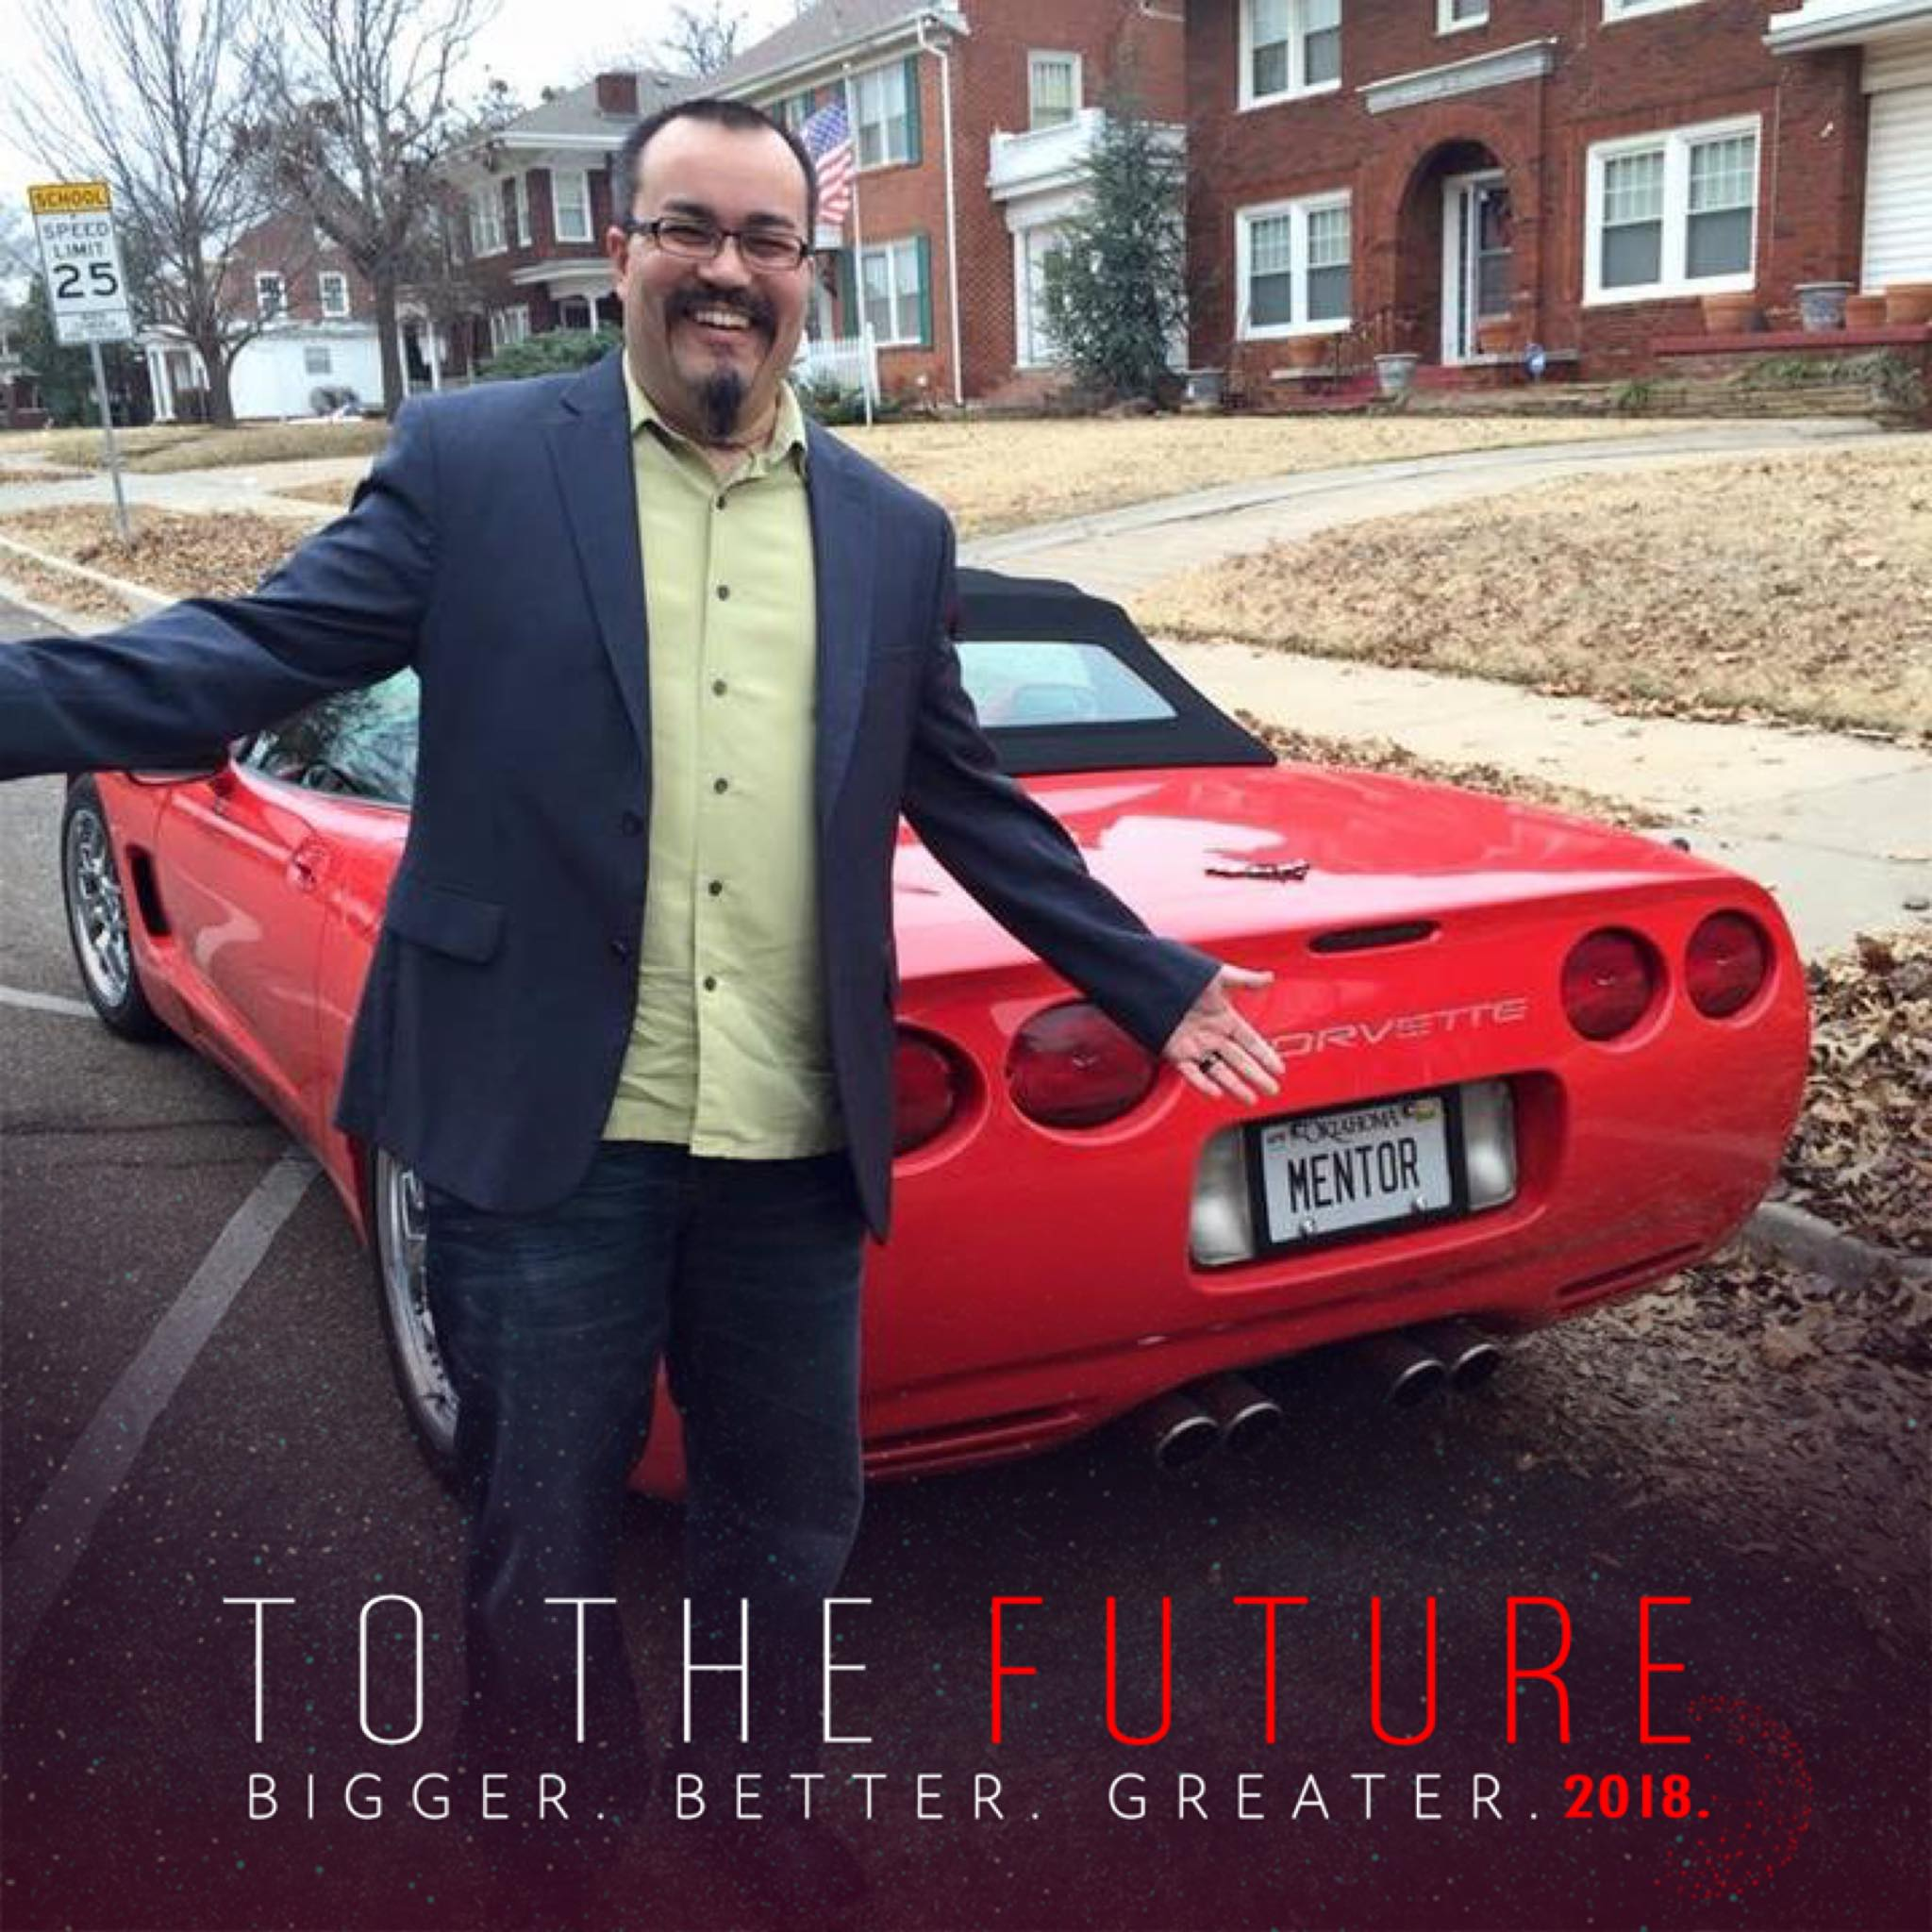 Red Corvette Mentor